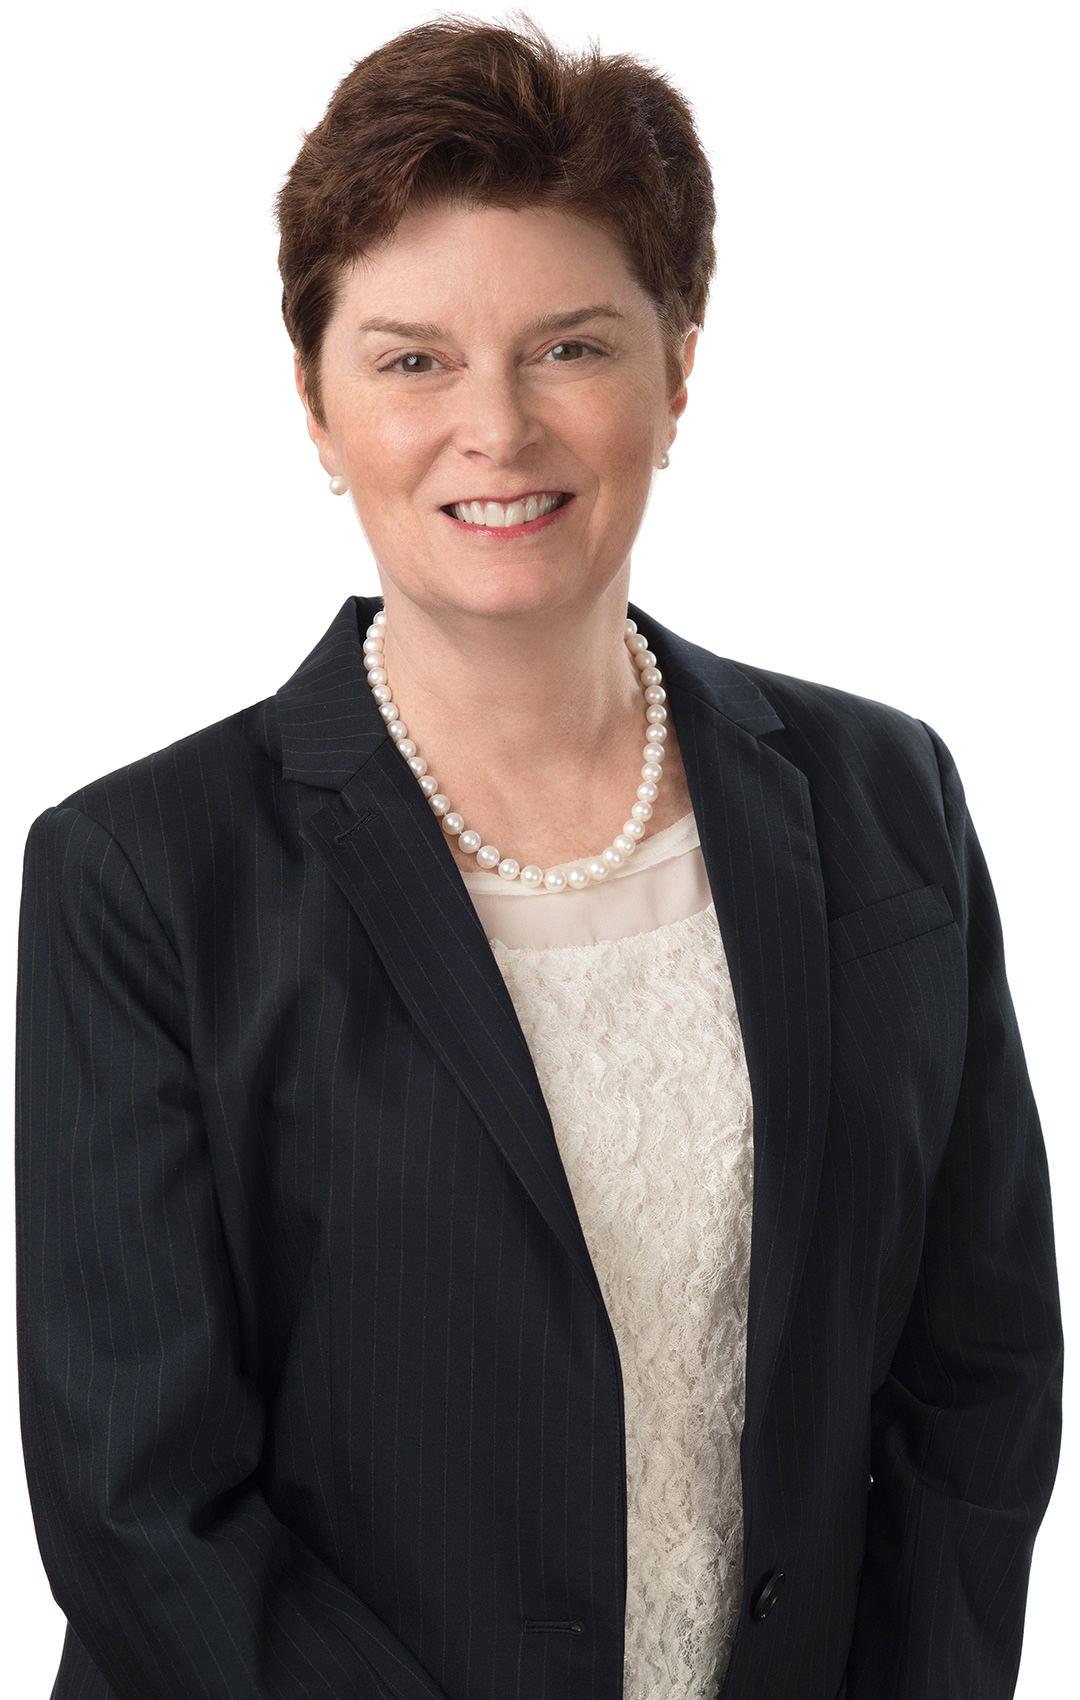 Helen L. Sloat